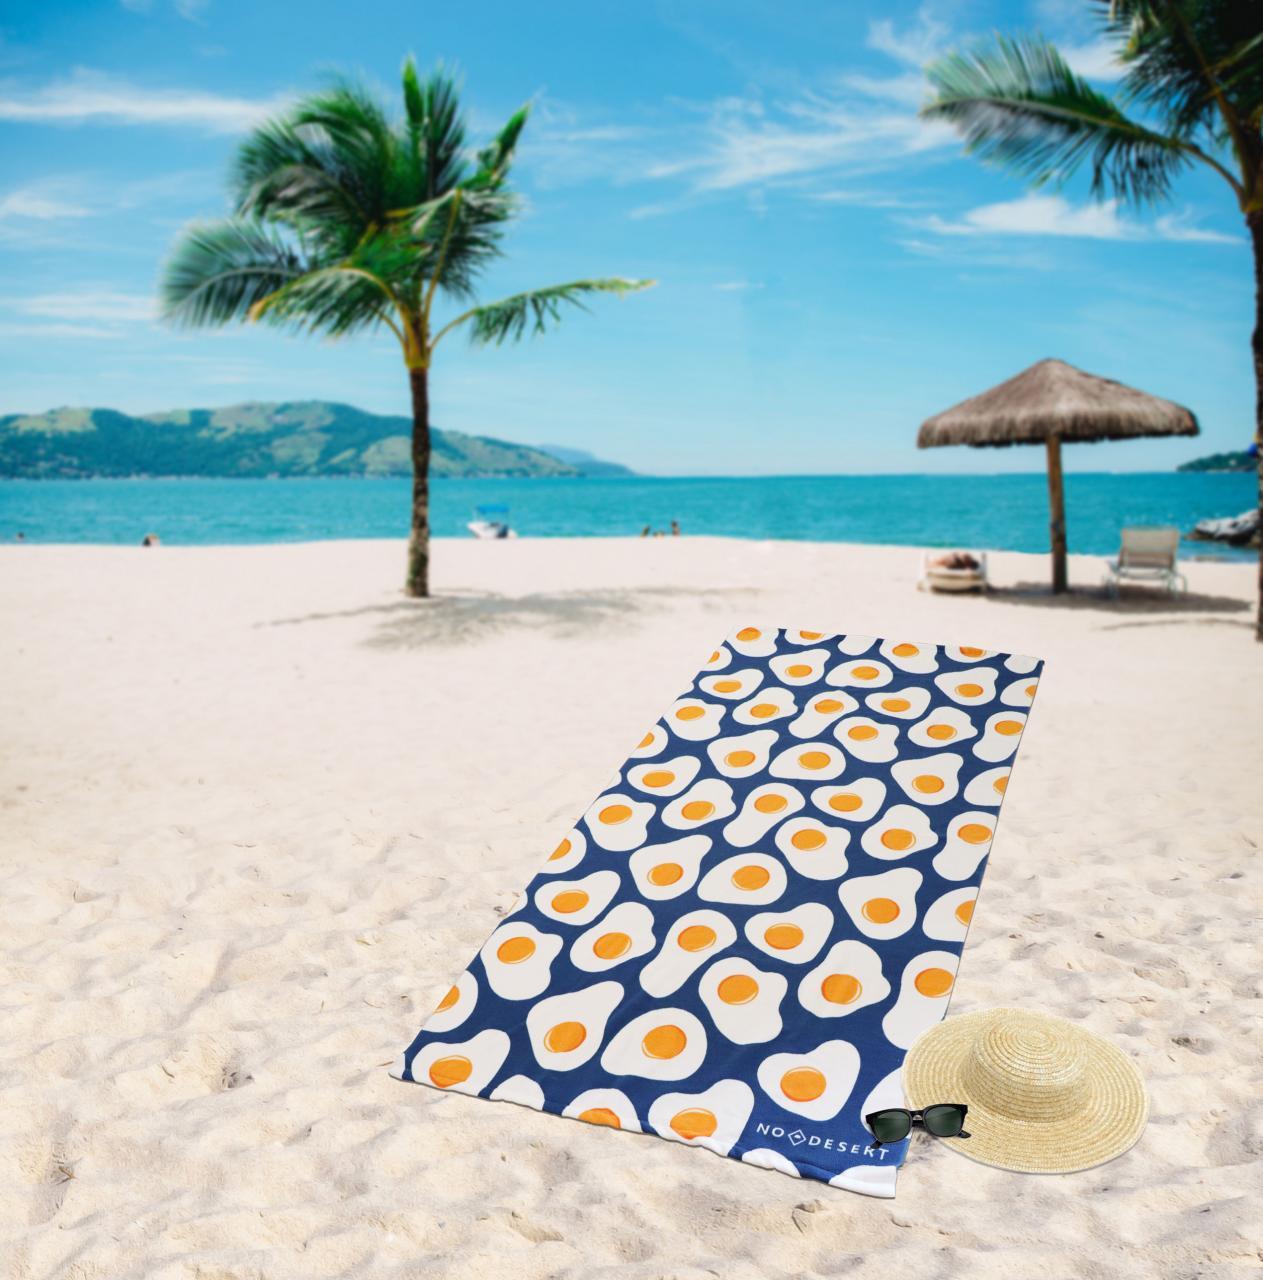 Nuevas toallas de playa de la marca  NO Desert